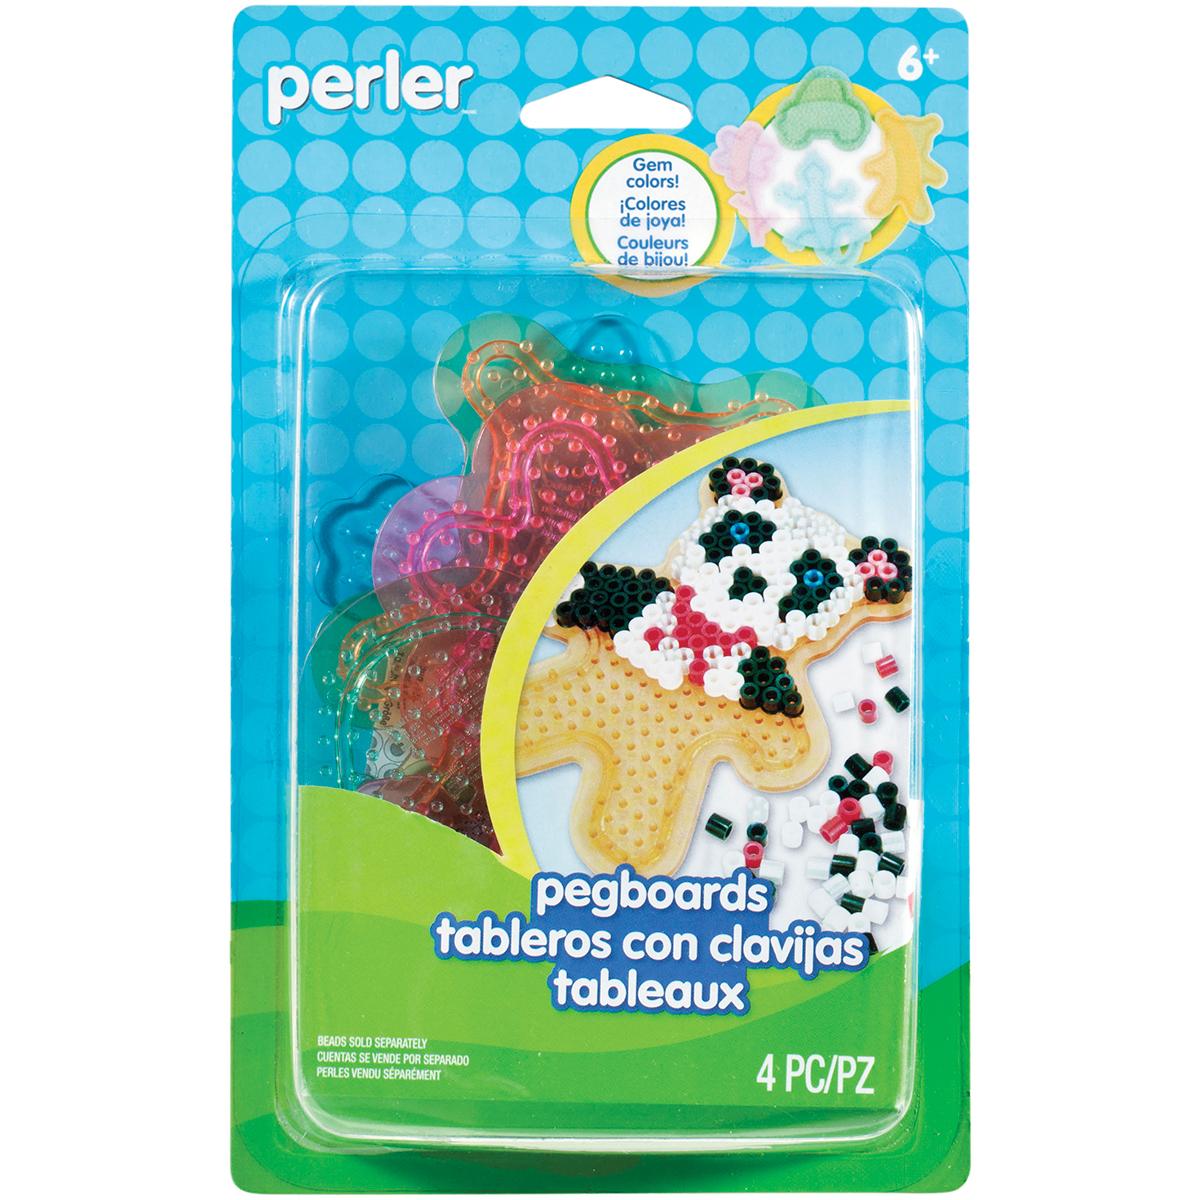 Perler Pegboards 4/Pkg-Assorted Clear Gem